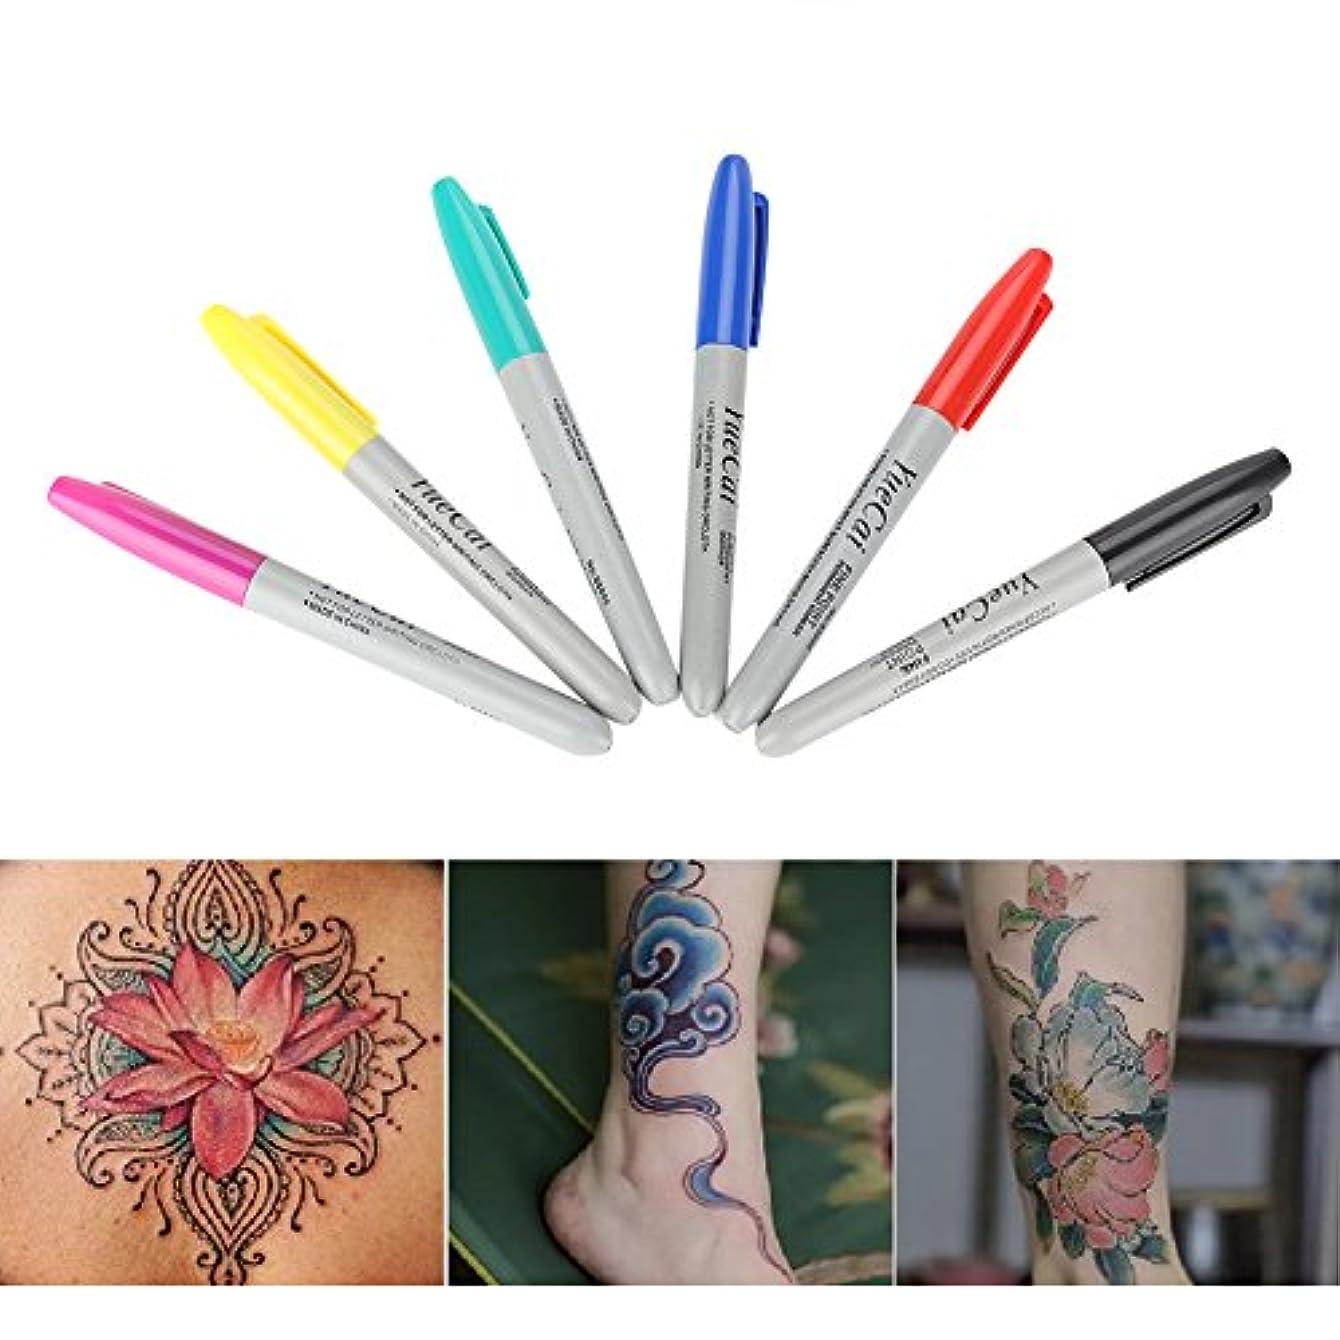 繁栄するどきどきプレミアム6ピース/セットタトゥースキンマーカー、永久タトゥーペン、位置決めペン永久化粧、タトゥーマーキングスクライブペン用ボディアート美容ツー